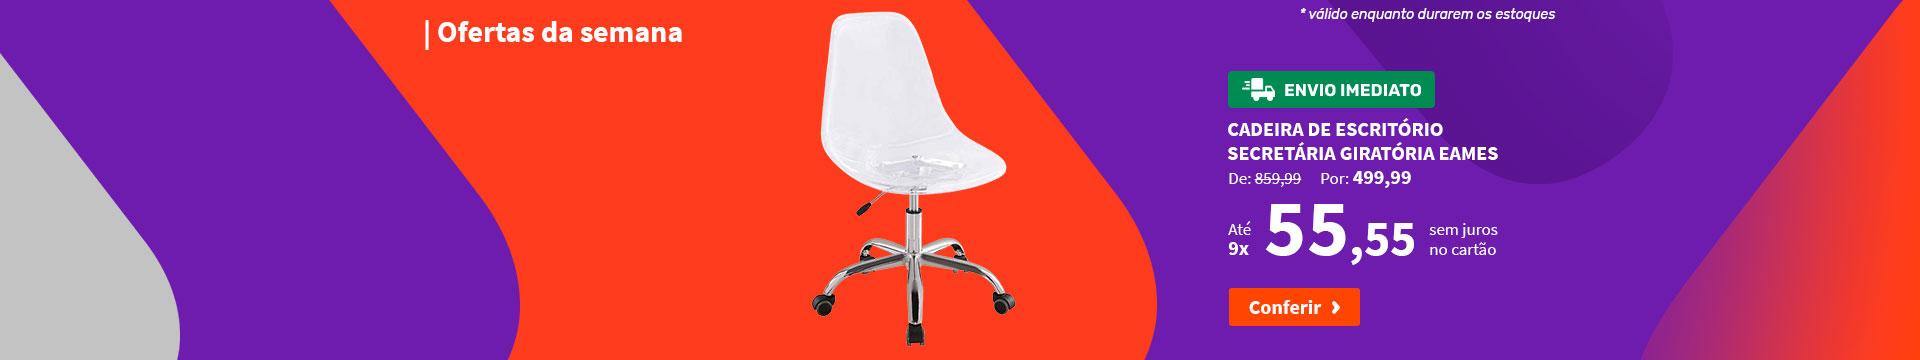 Cadeira de Escritório Secretária Giratória Eames - Ofertas da semana